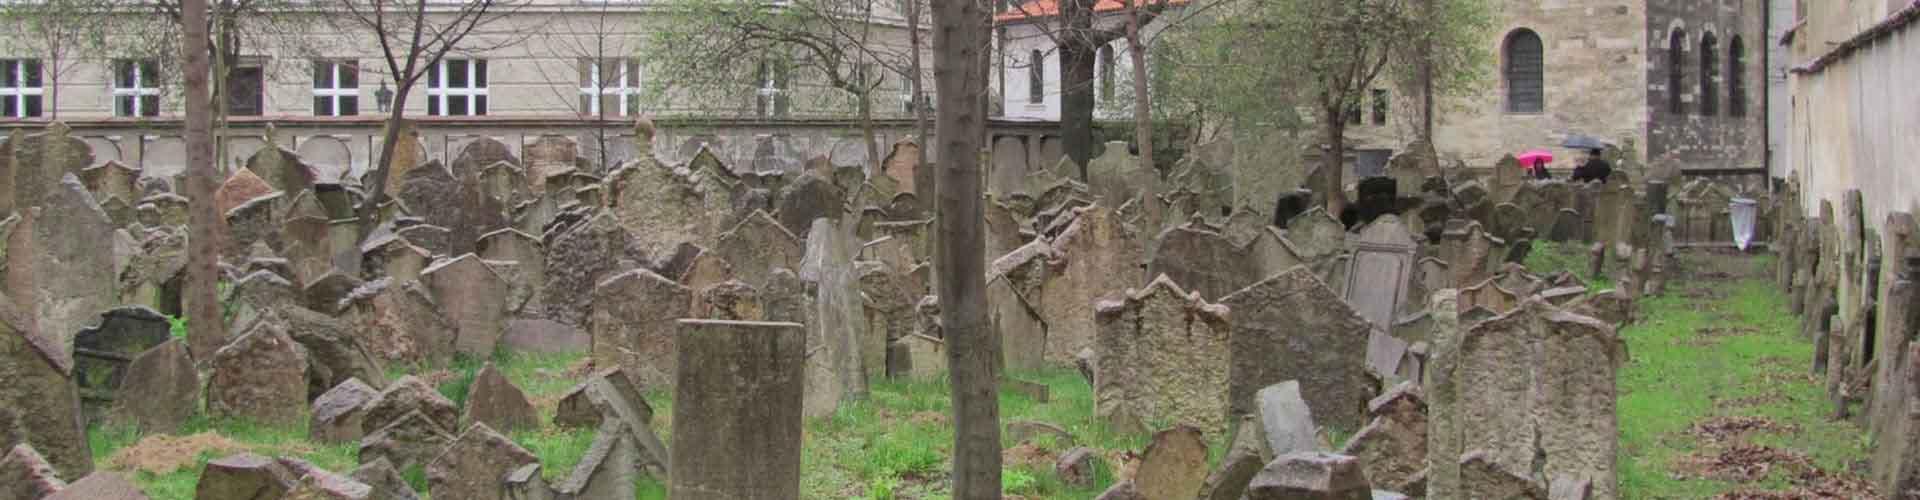 Praga - Habitaciones cerca a Viejo Cementerio Judío. Mapas de Praga, Fotos y comentarios de cada Habitación en Praga.